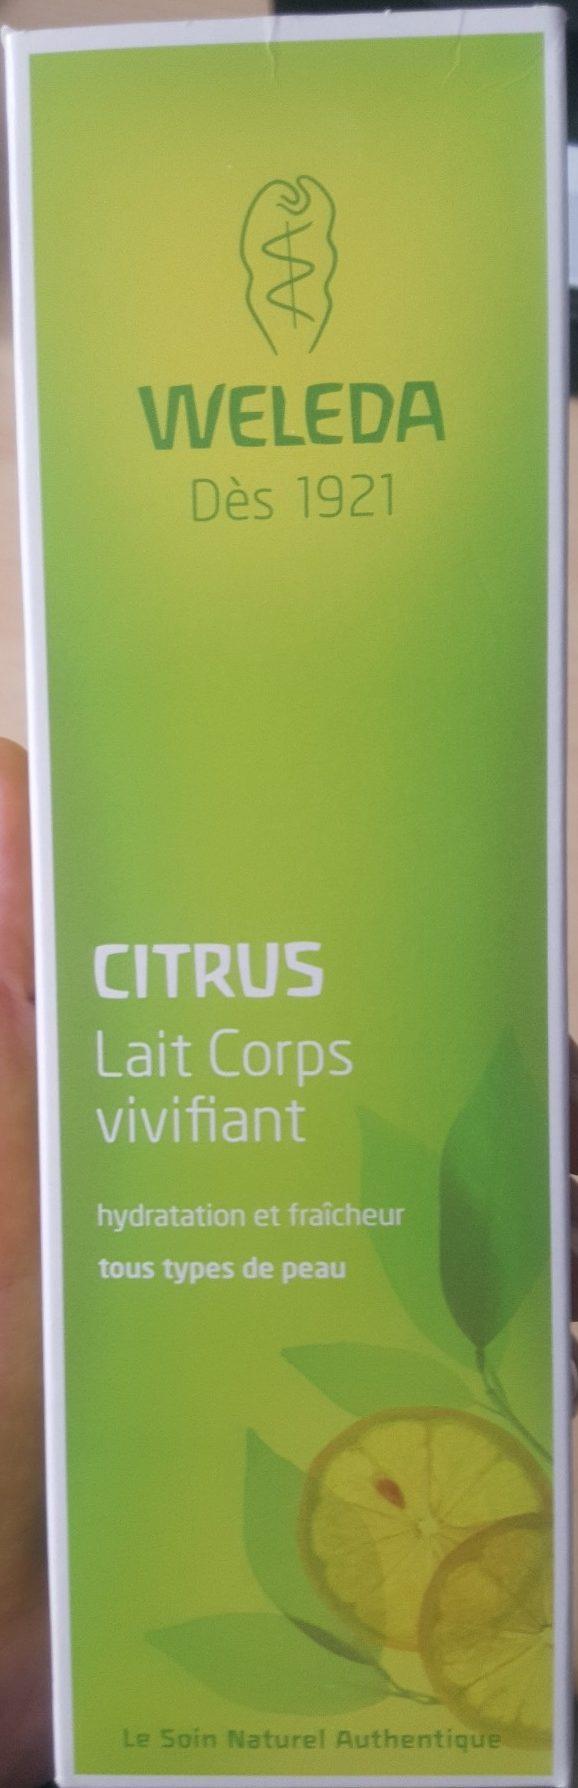 Lait corps vivifiant Citrus - Produit - fr